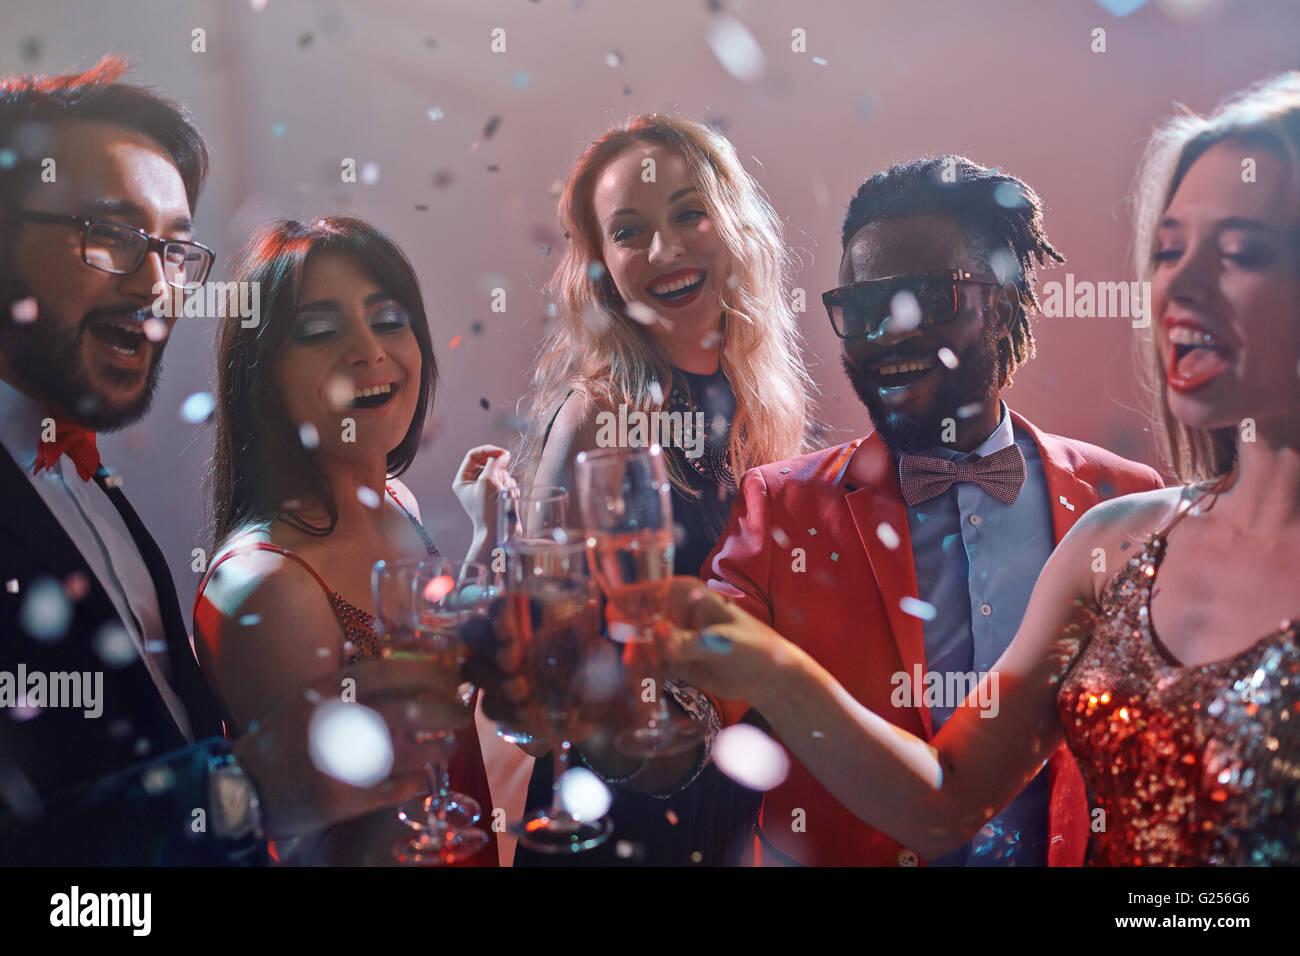 Trinquer avec champagne Photo Stock